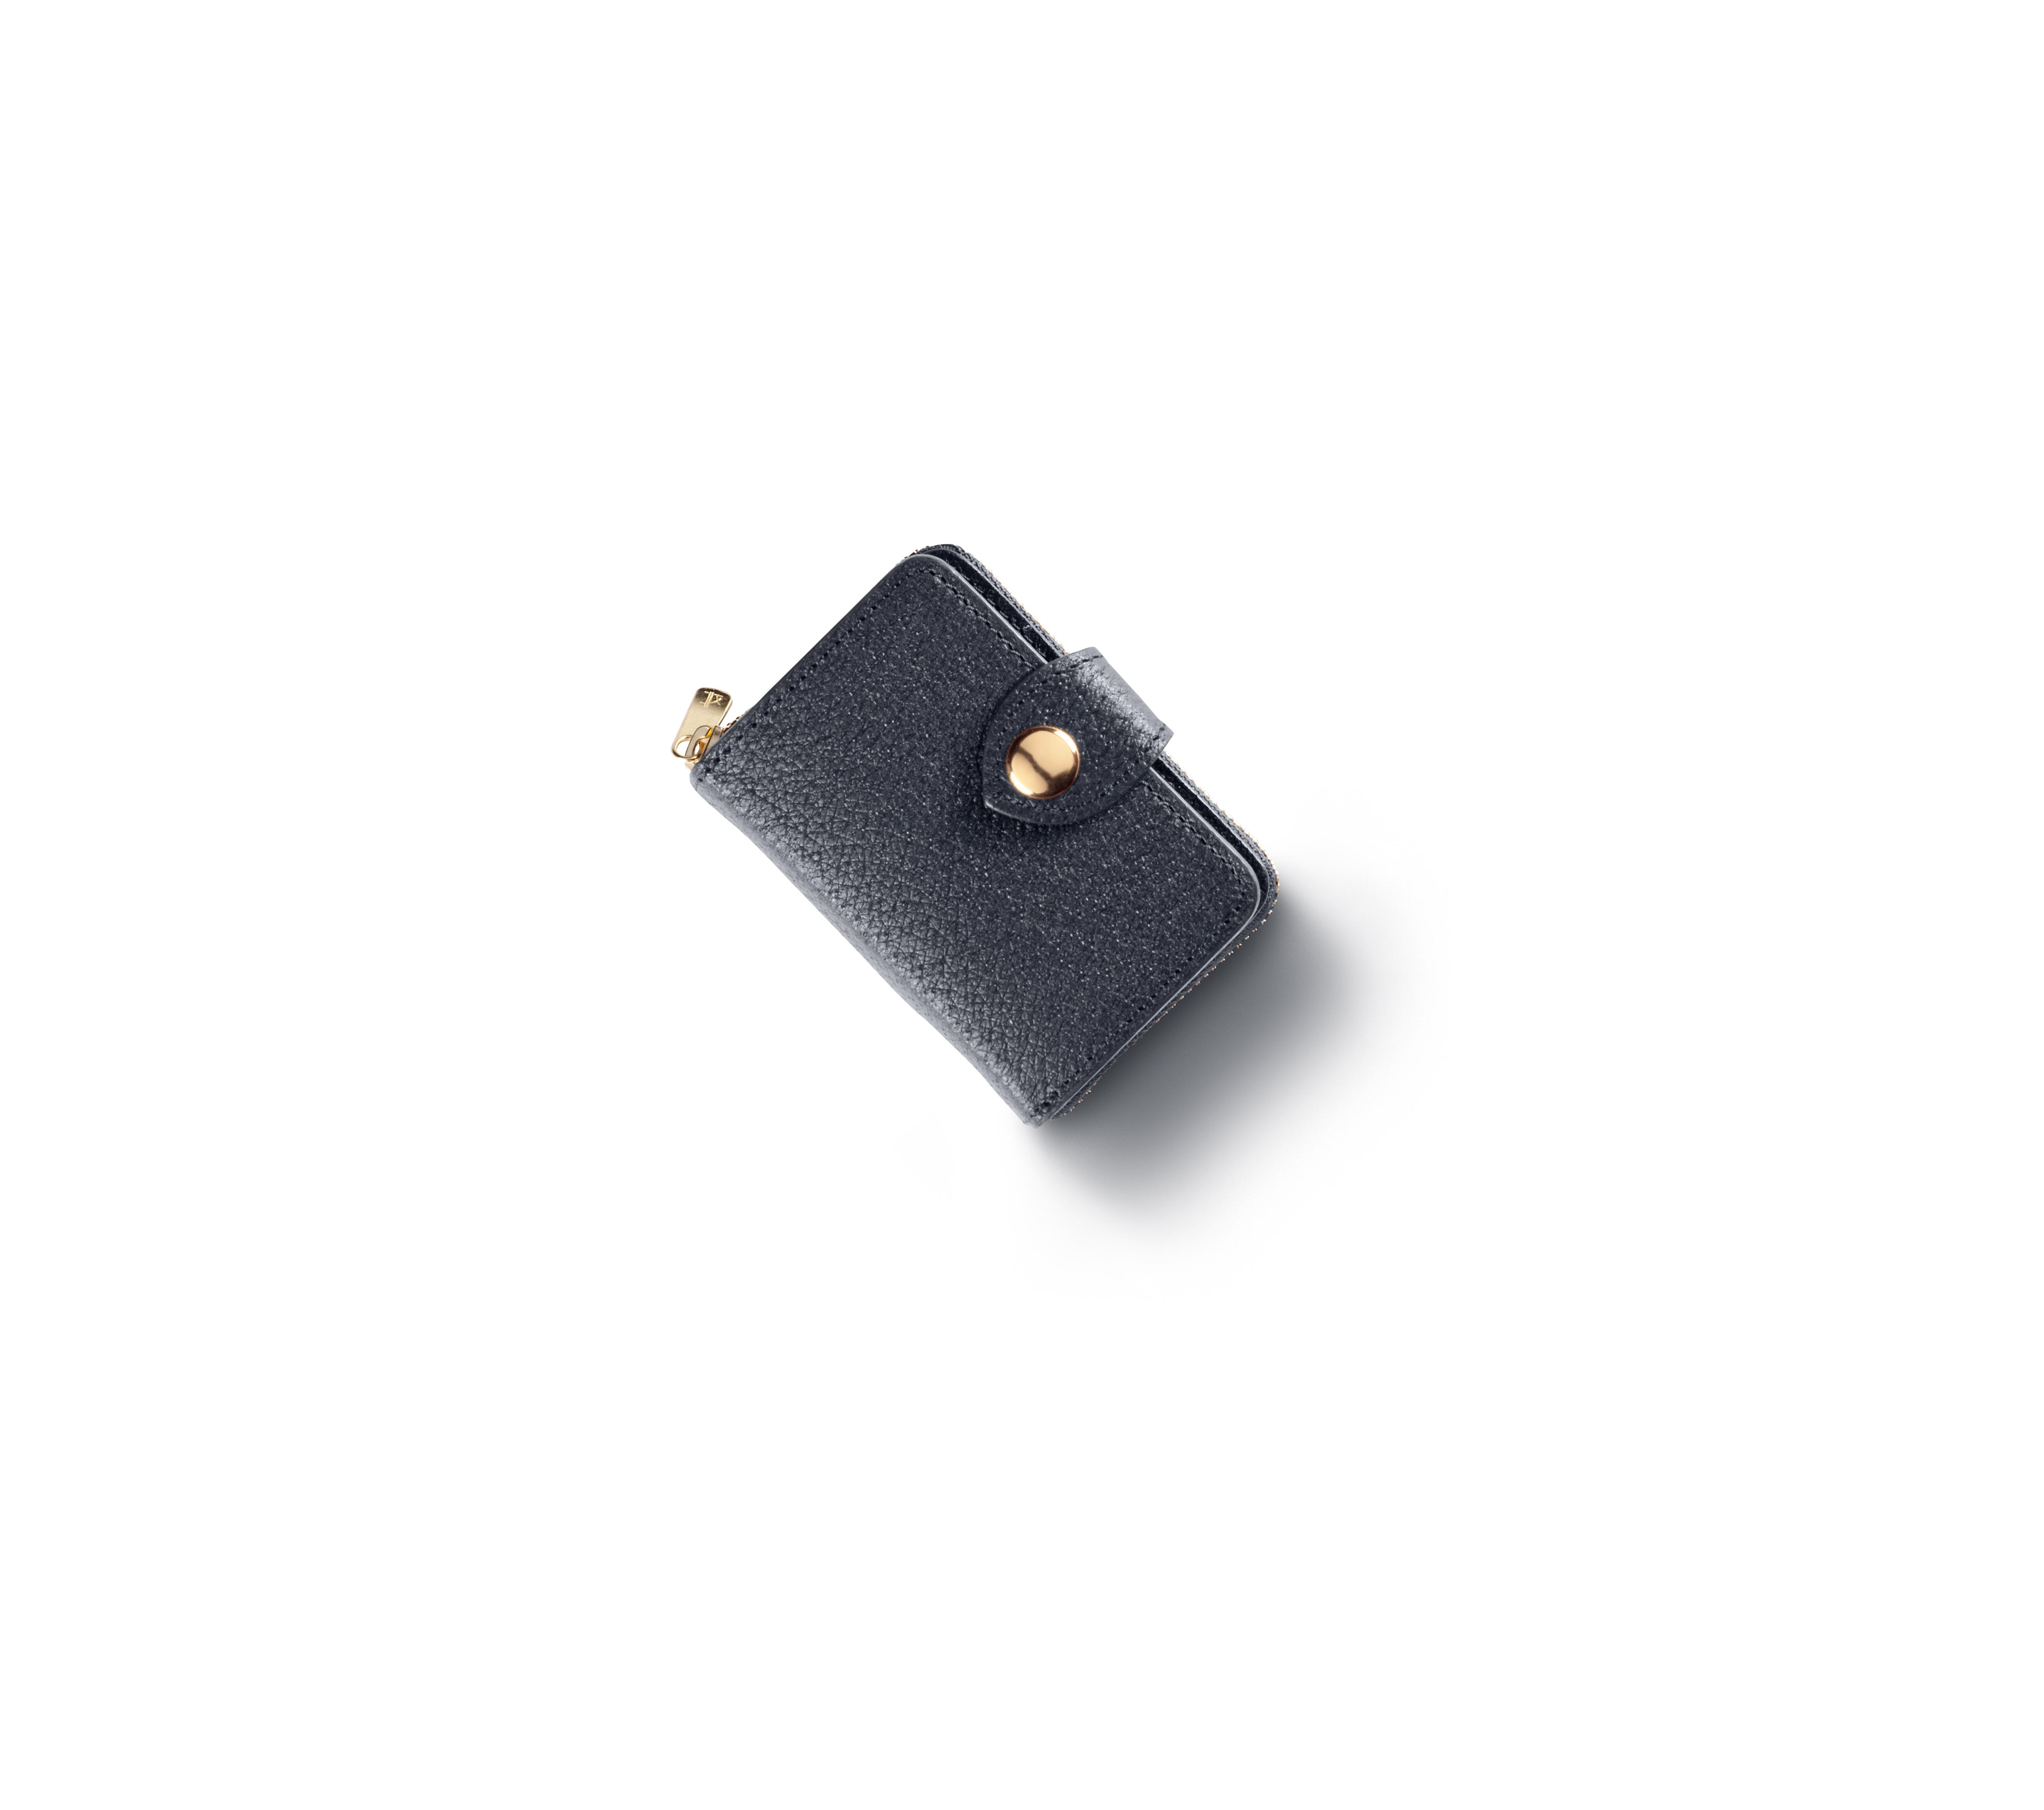 ワイルドボアレザー スマートキーケース(Black)